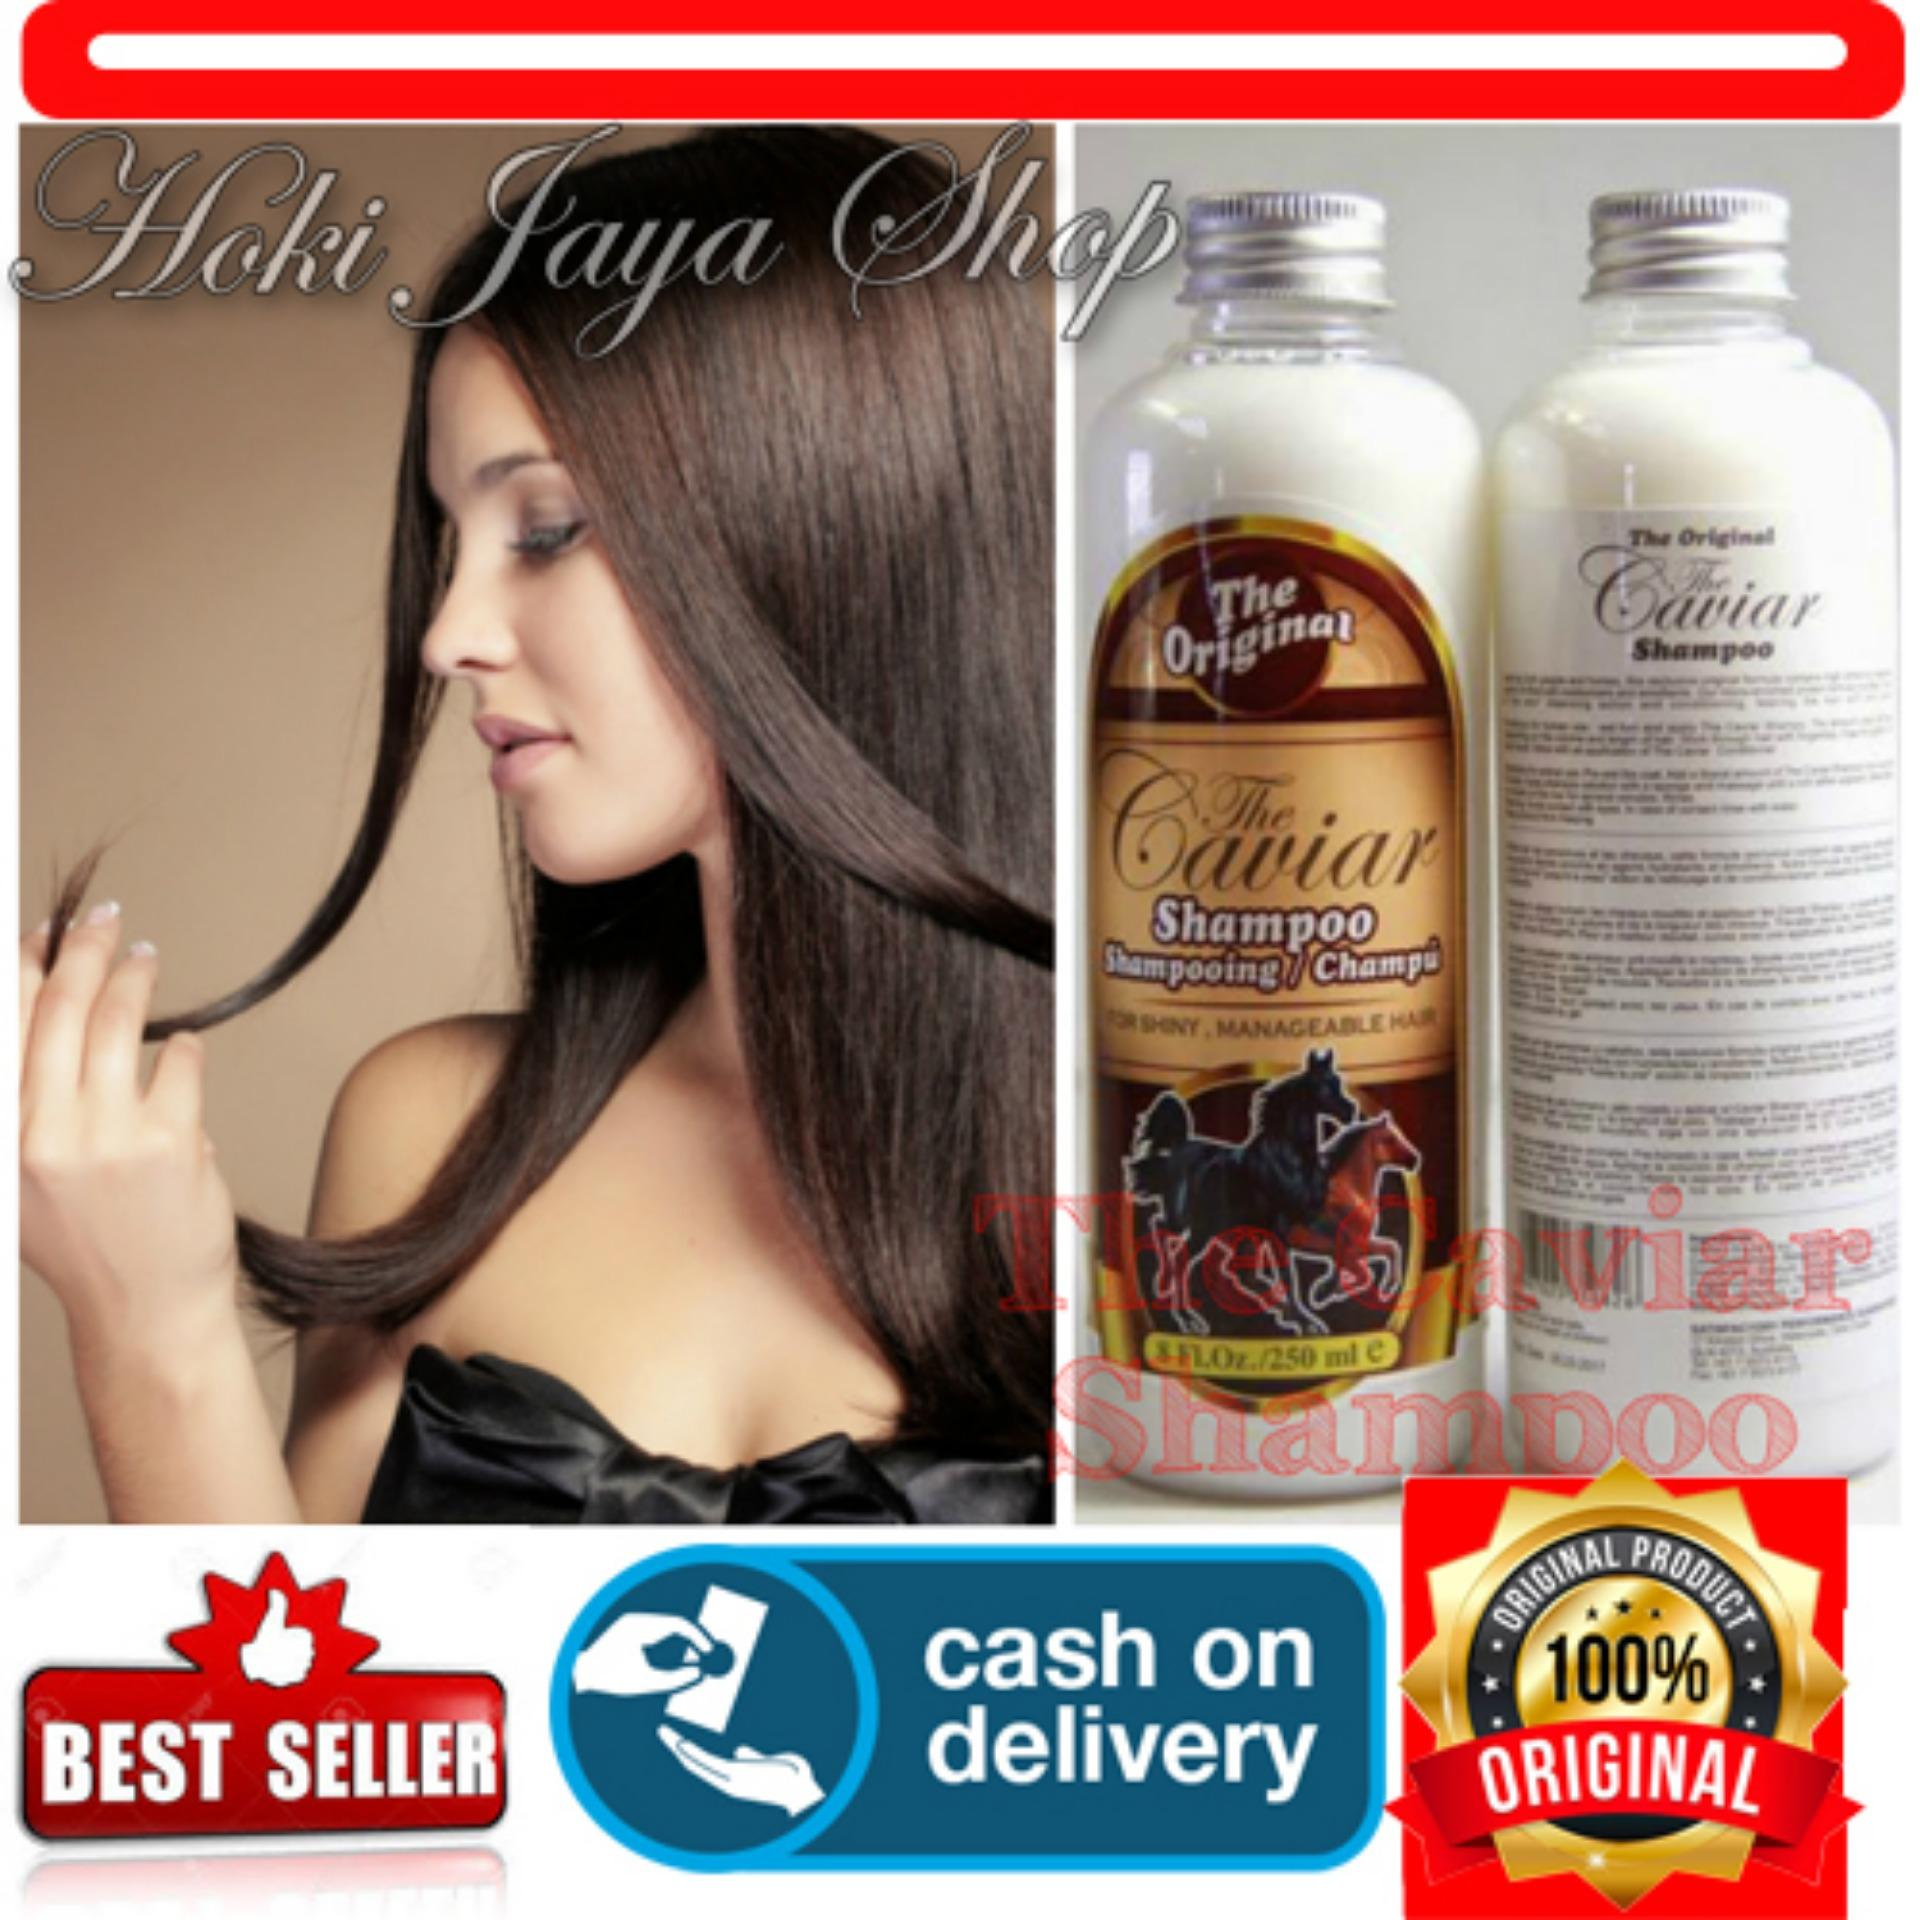 Sampo Terbaik Harga Termurah Soeok Black Magic Kemiri Shampoo Bpom Bmks Hoki Cod Shampo Caviar Original 100 Kuda Sudah 250 Ml